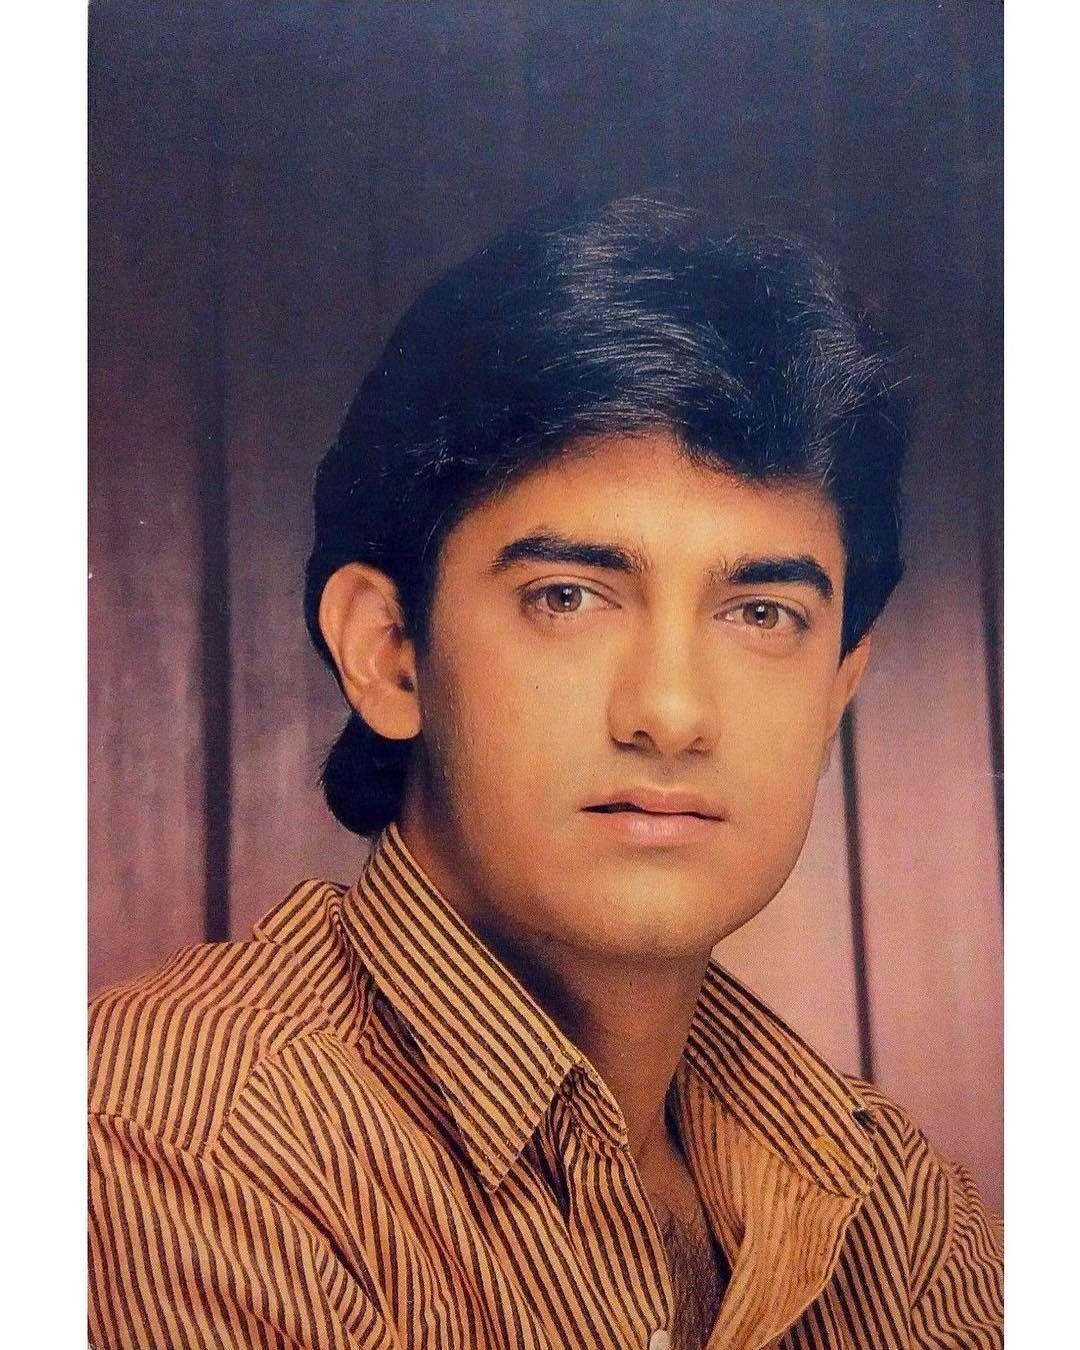 2 Likes 1 Comments Muvyz Com Muvyz On Instagram Muvyz072617 Bollywoodflashback 90s Postcard Aamirkhan Mu Aamir Khan Bollywood Actors Best Actor